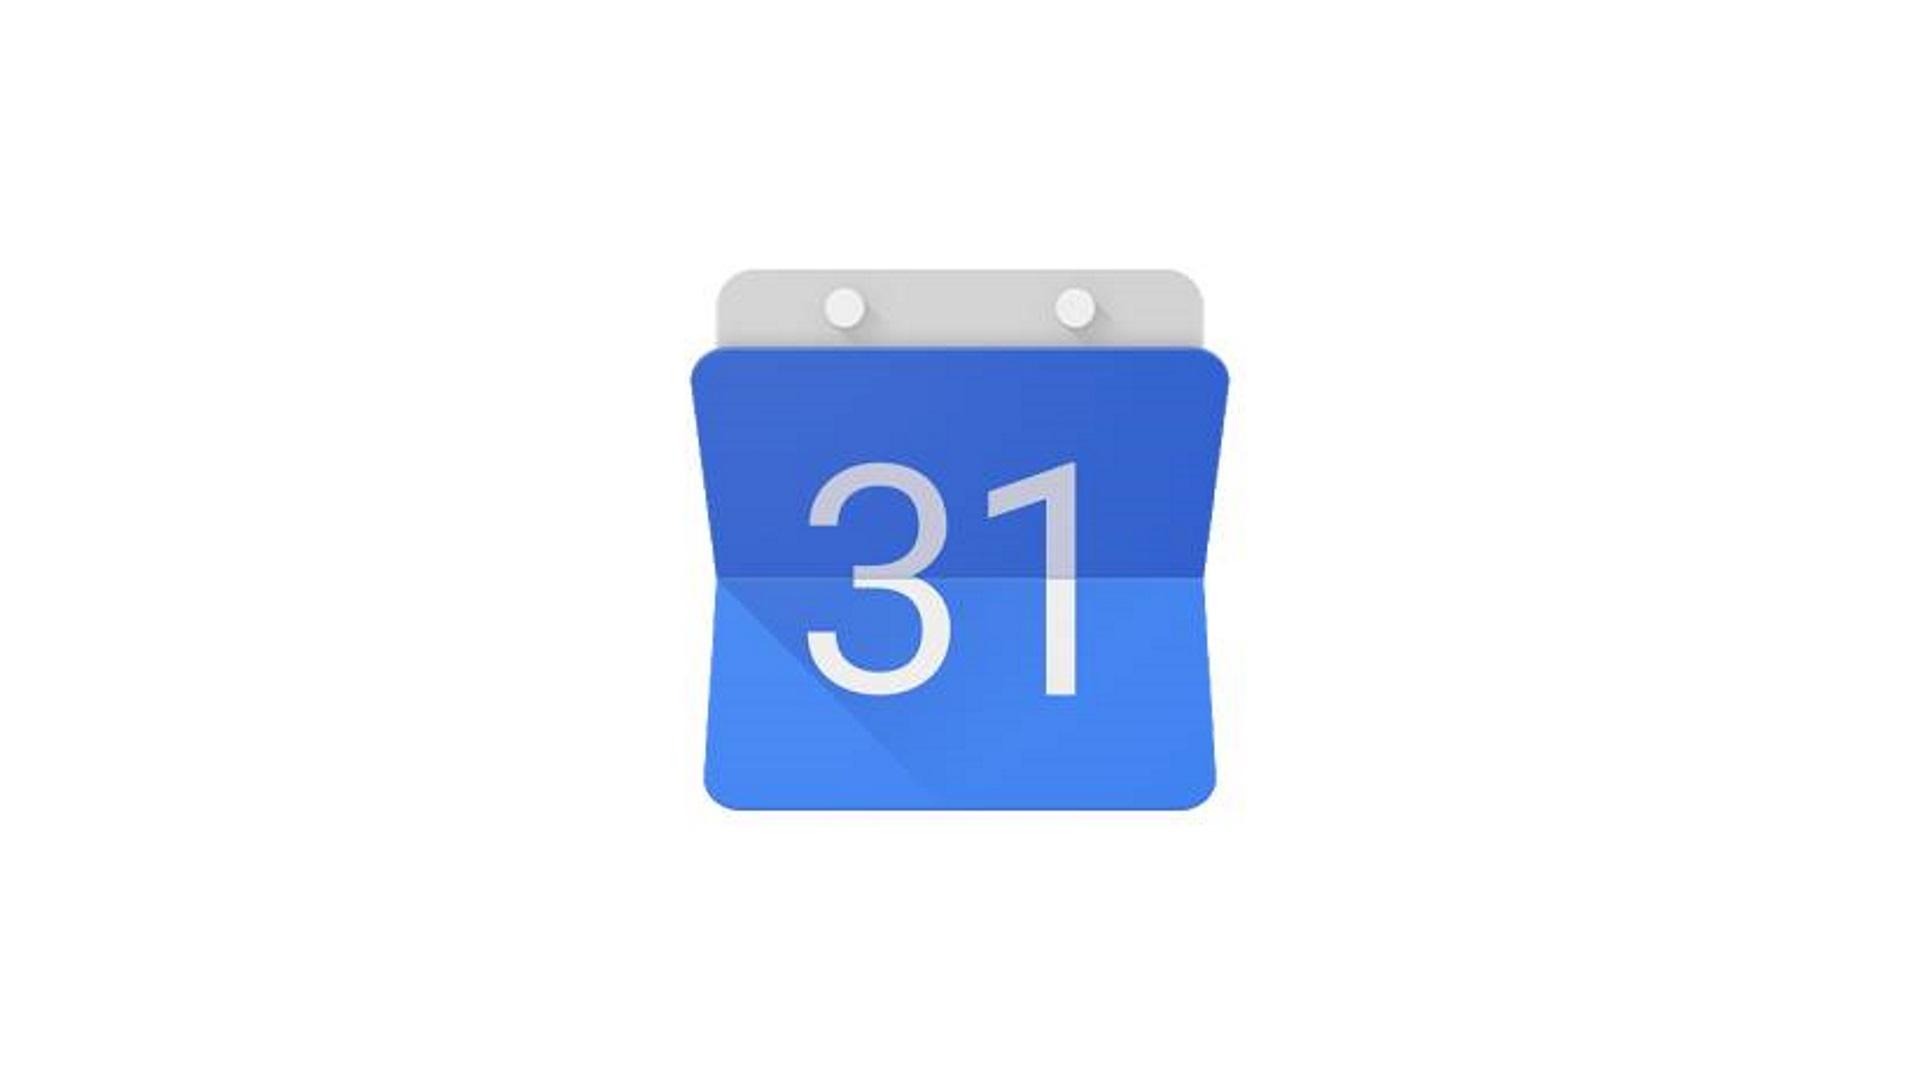 新UIと新機能を実装したWEB版「Google カレンダー」が国内でも利用可能に